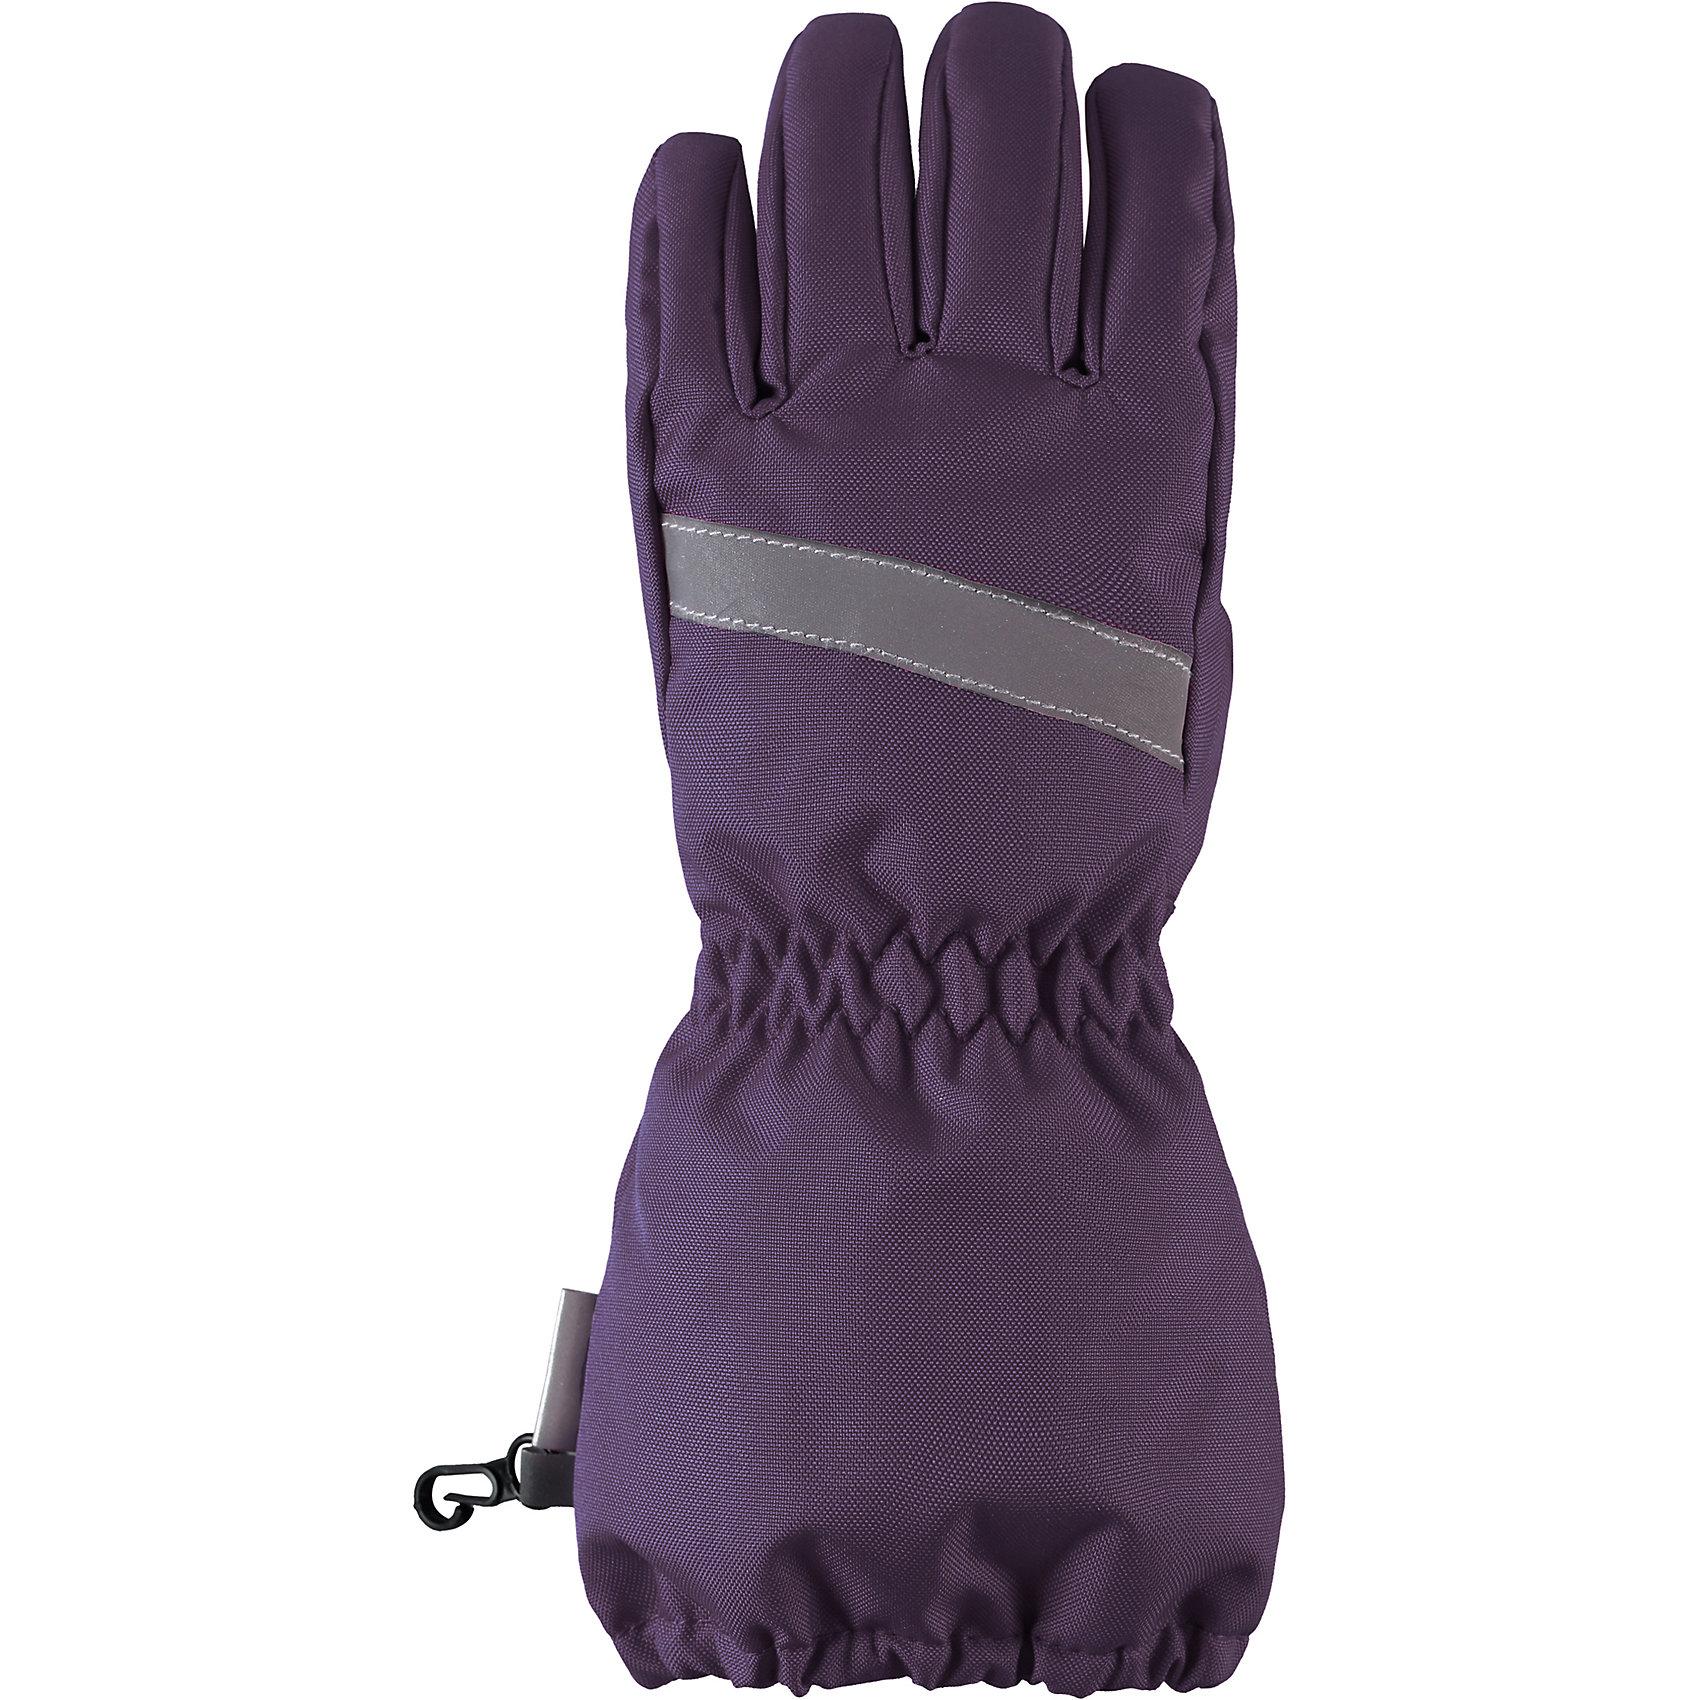 Перчатки LassieПерчатки, варежки<br>Зима – время снежных забав! Эти детские перчатки созданы, чтобы ручки оставались теплыми и сухими во время активных зимних прогулок. Они изготовлены из сверхпрочного материала с гладкой трикотажной подкладкой внутри. <br>Состав:<br>100% Полиэстер<br><br>Ширина мм: 162<br>Глубина мм: 171<br>Высота мм: 55<br>Вес г: 119<br>Цвет: лиловый<br>Возраст от месяцев: 96<br>Возраст до месяцев: 120<br>Пол: Унисекс<br>Возраст: Детский<br>Размер: 6,3,4,5<br>SKU: 6928056